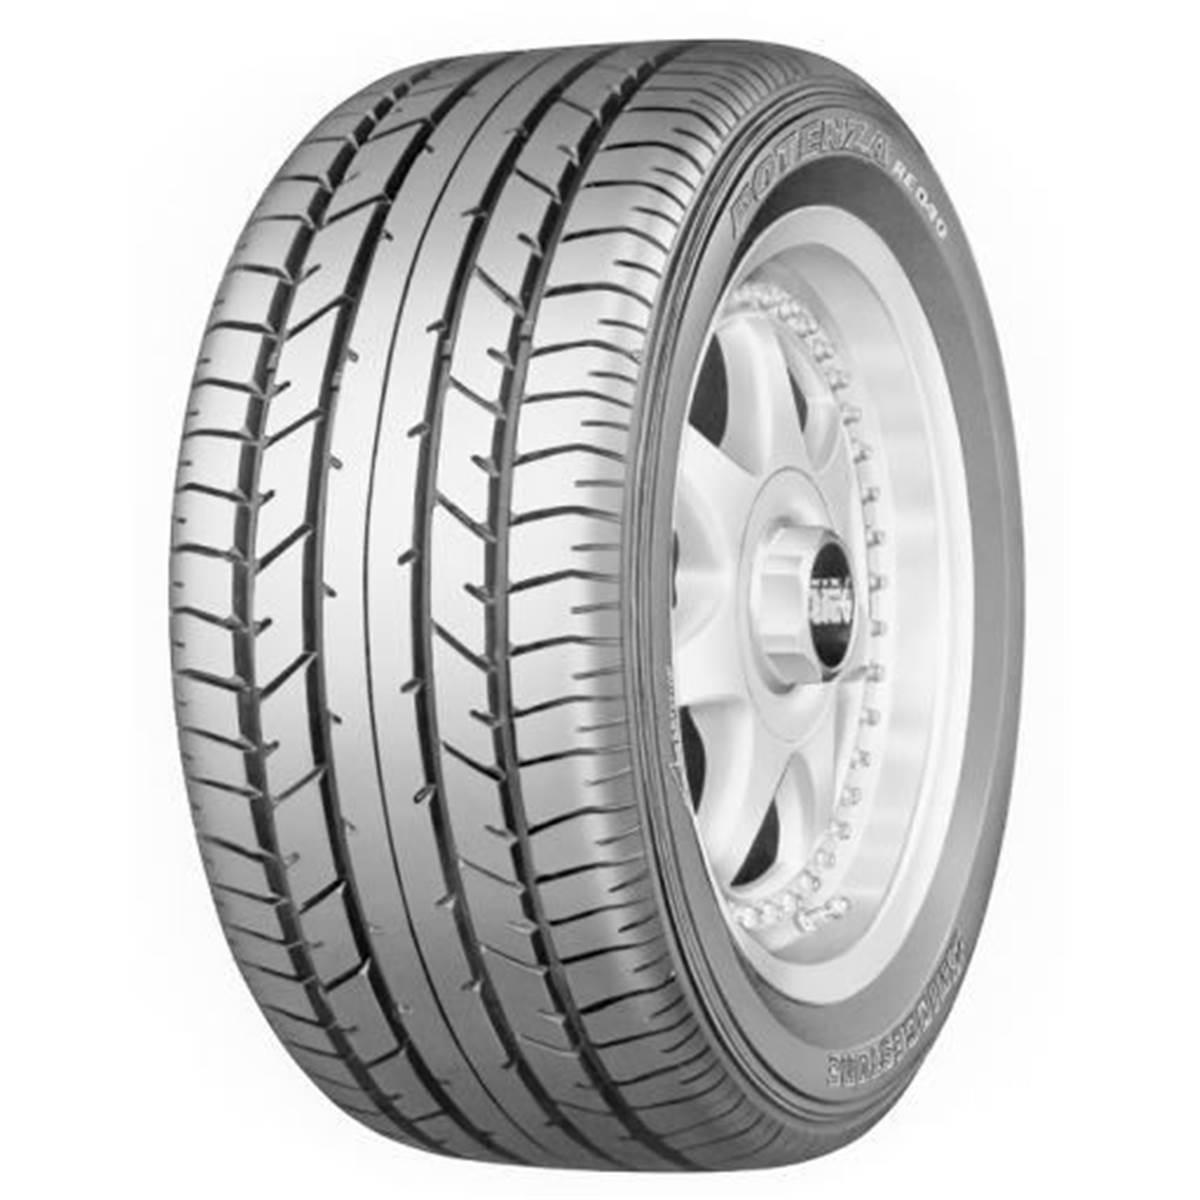 Pneu Bridgestone 255/35R18 90Y Potenza Re040